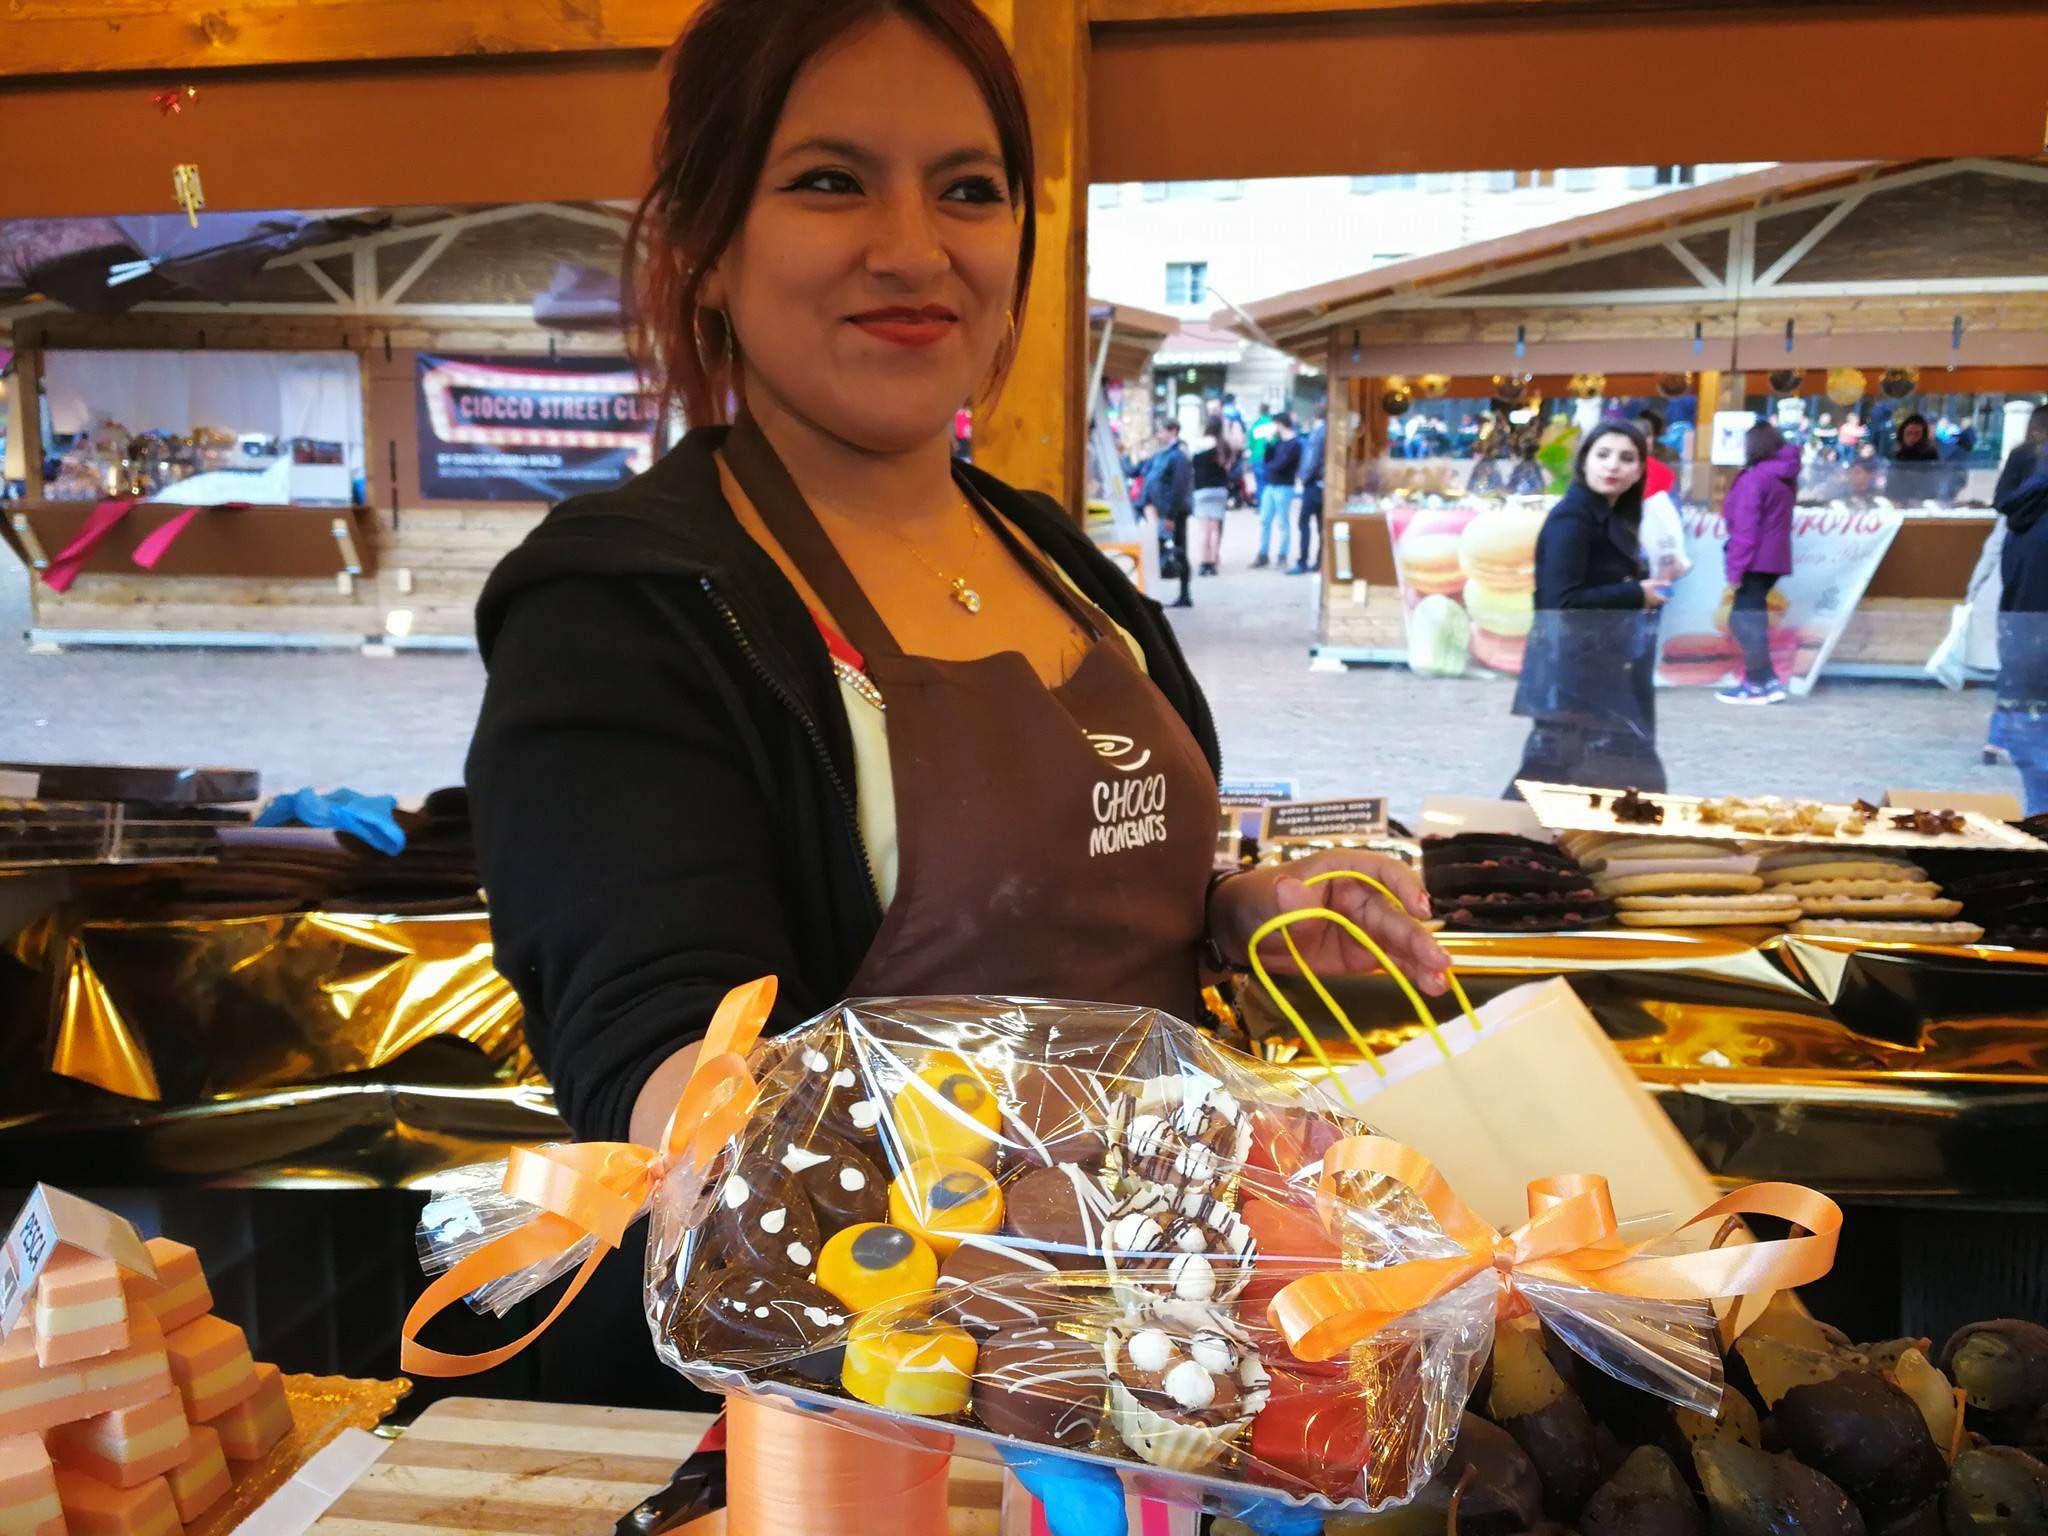 Chocomoments a Cortona, la festa del cioccolato artigianale